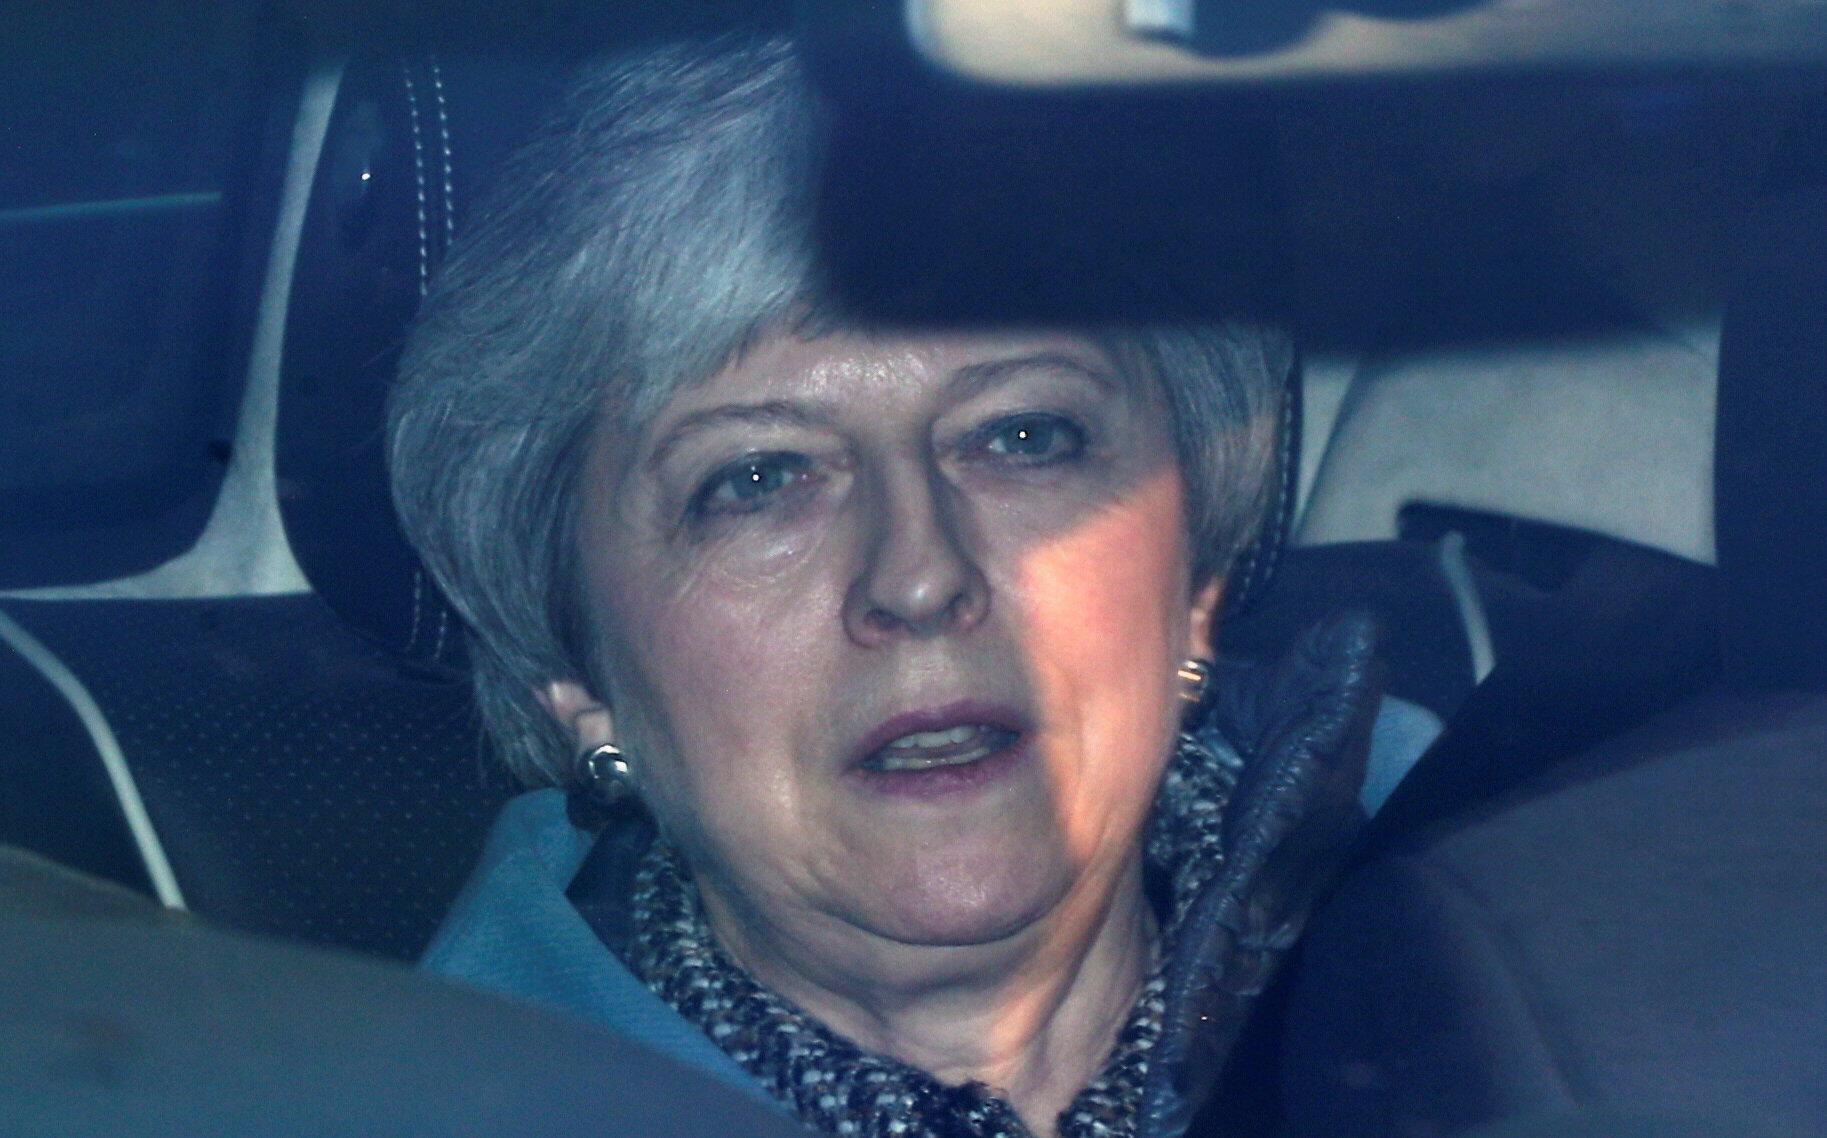 La primera ministra Theresa May reunió el martes a un gobierno británico muy dividido en busca de una solución al Brexit que, según advirtió la UE, cada vez corre más riesgo de ser brutal.